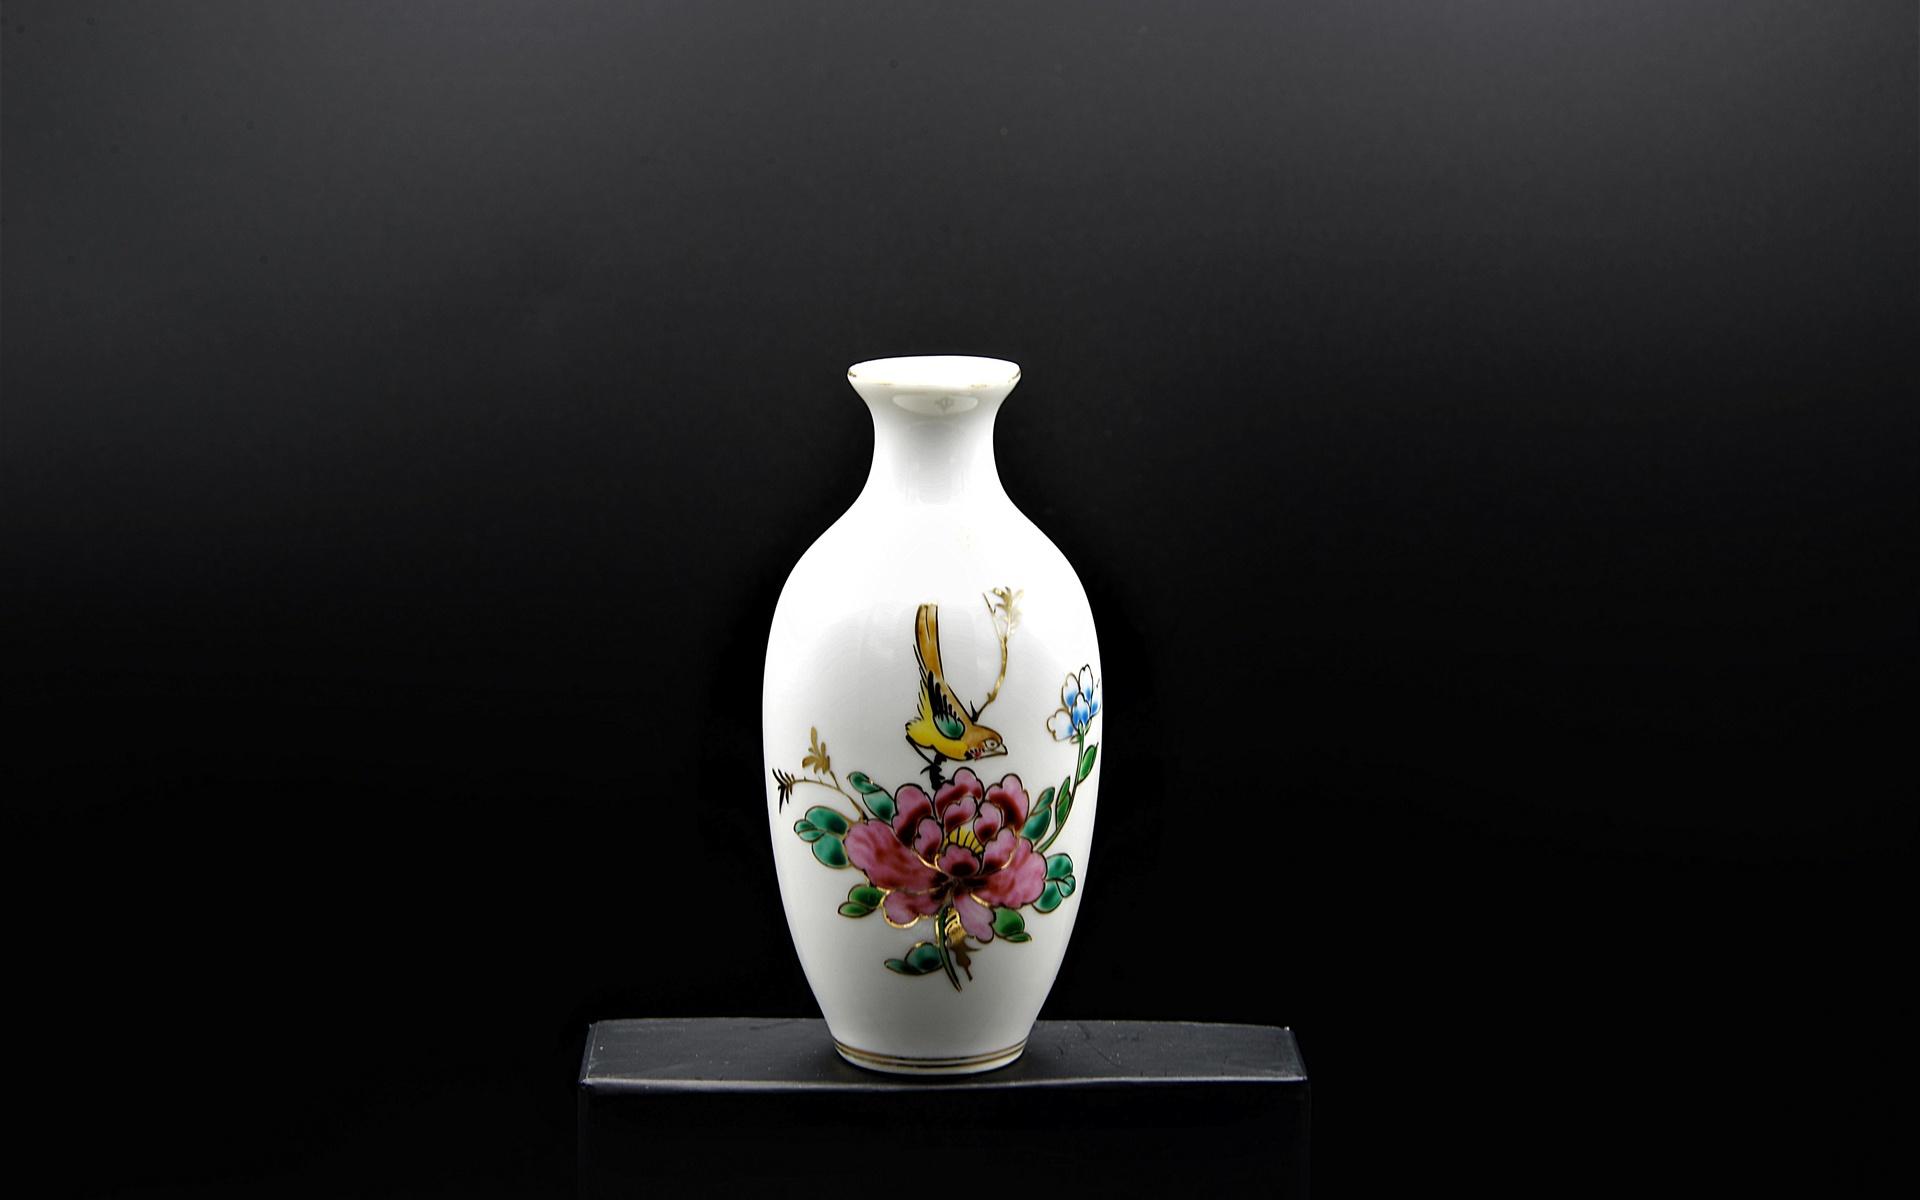 разные картинки с вазами устойчивой